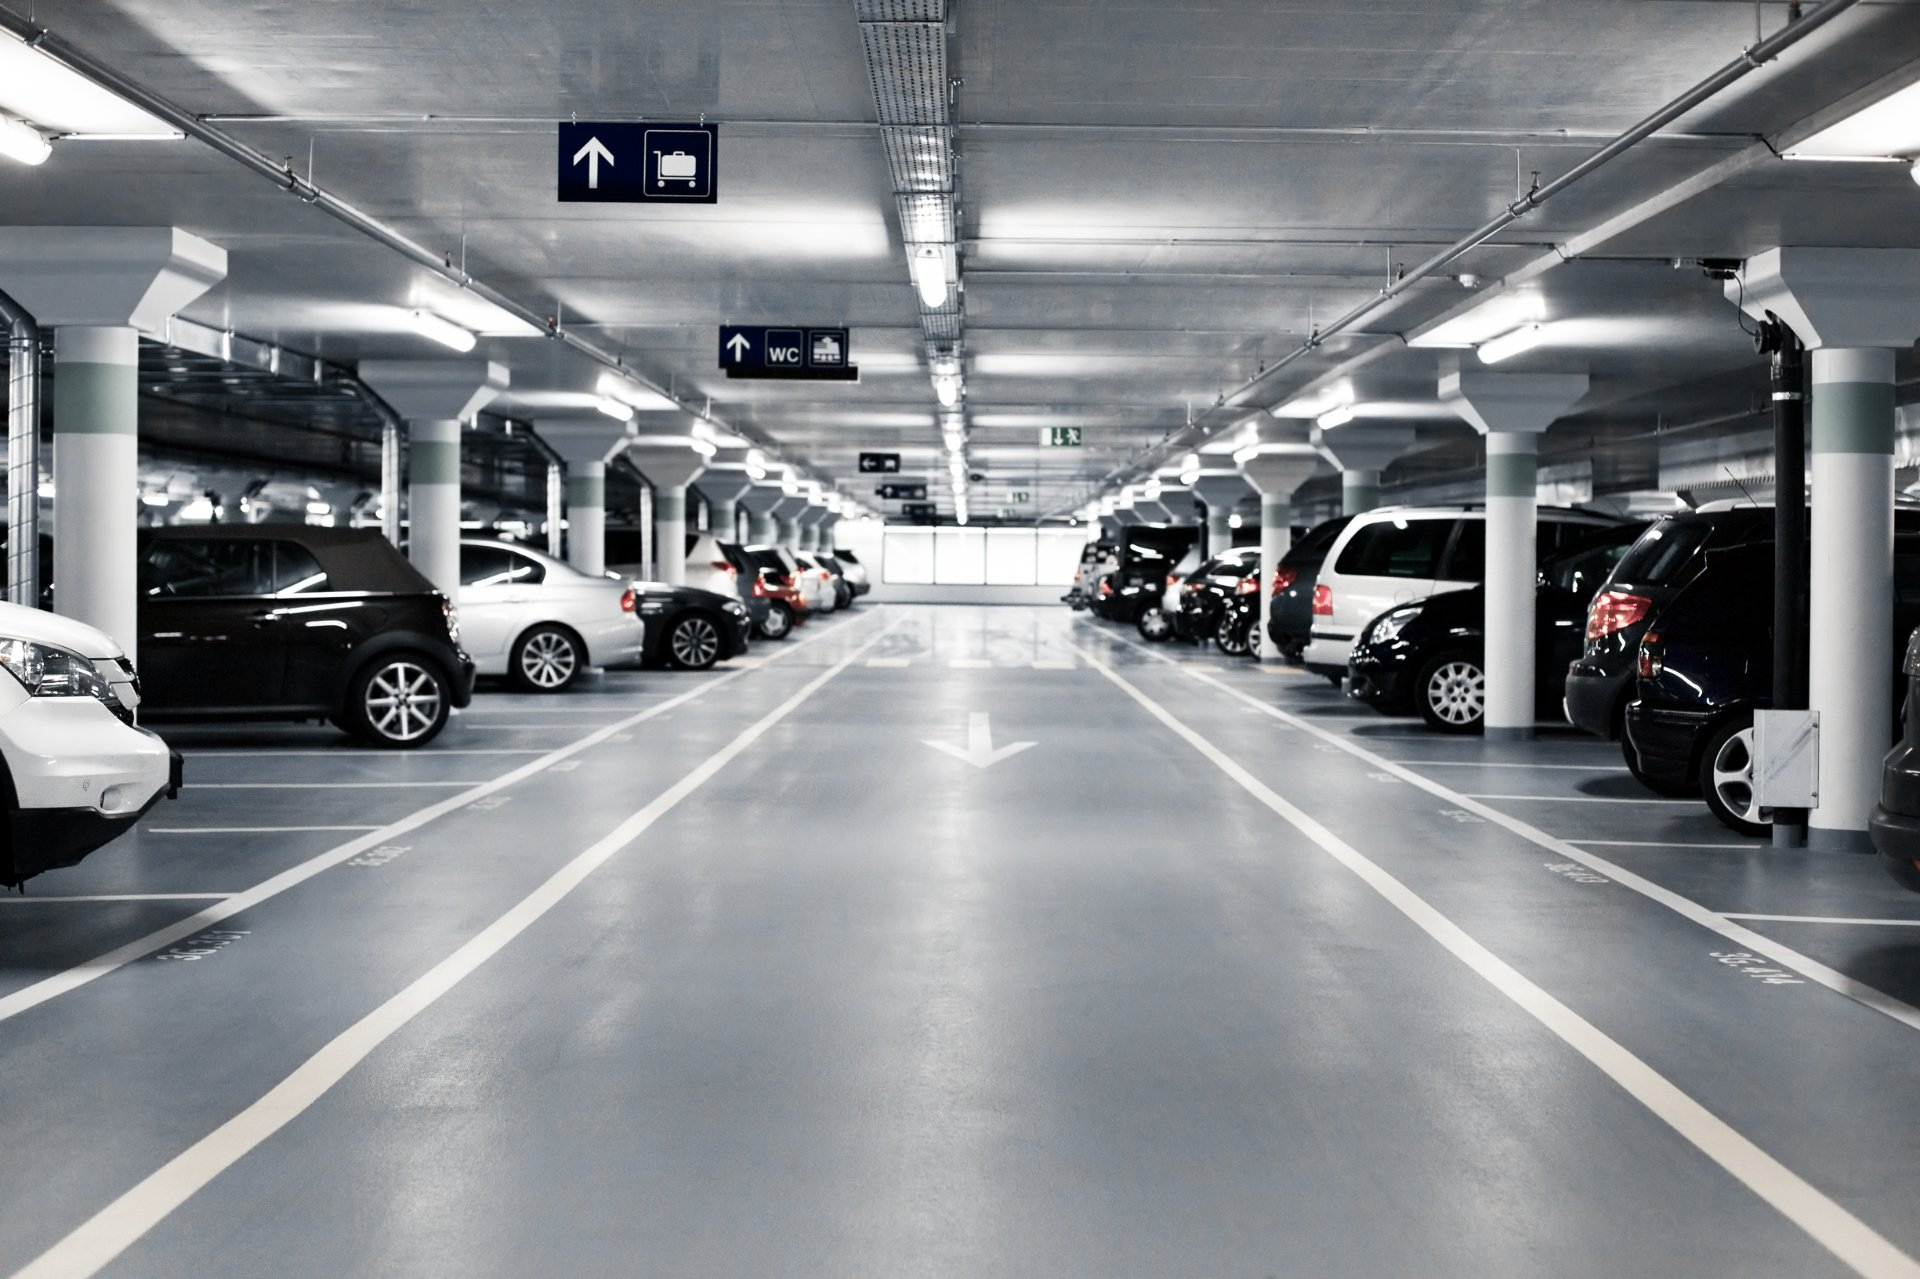 aparca-en-el-aeropuerto-hero.jpg